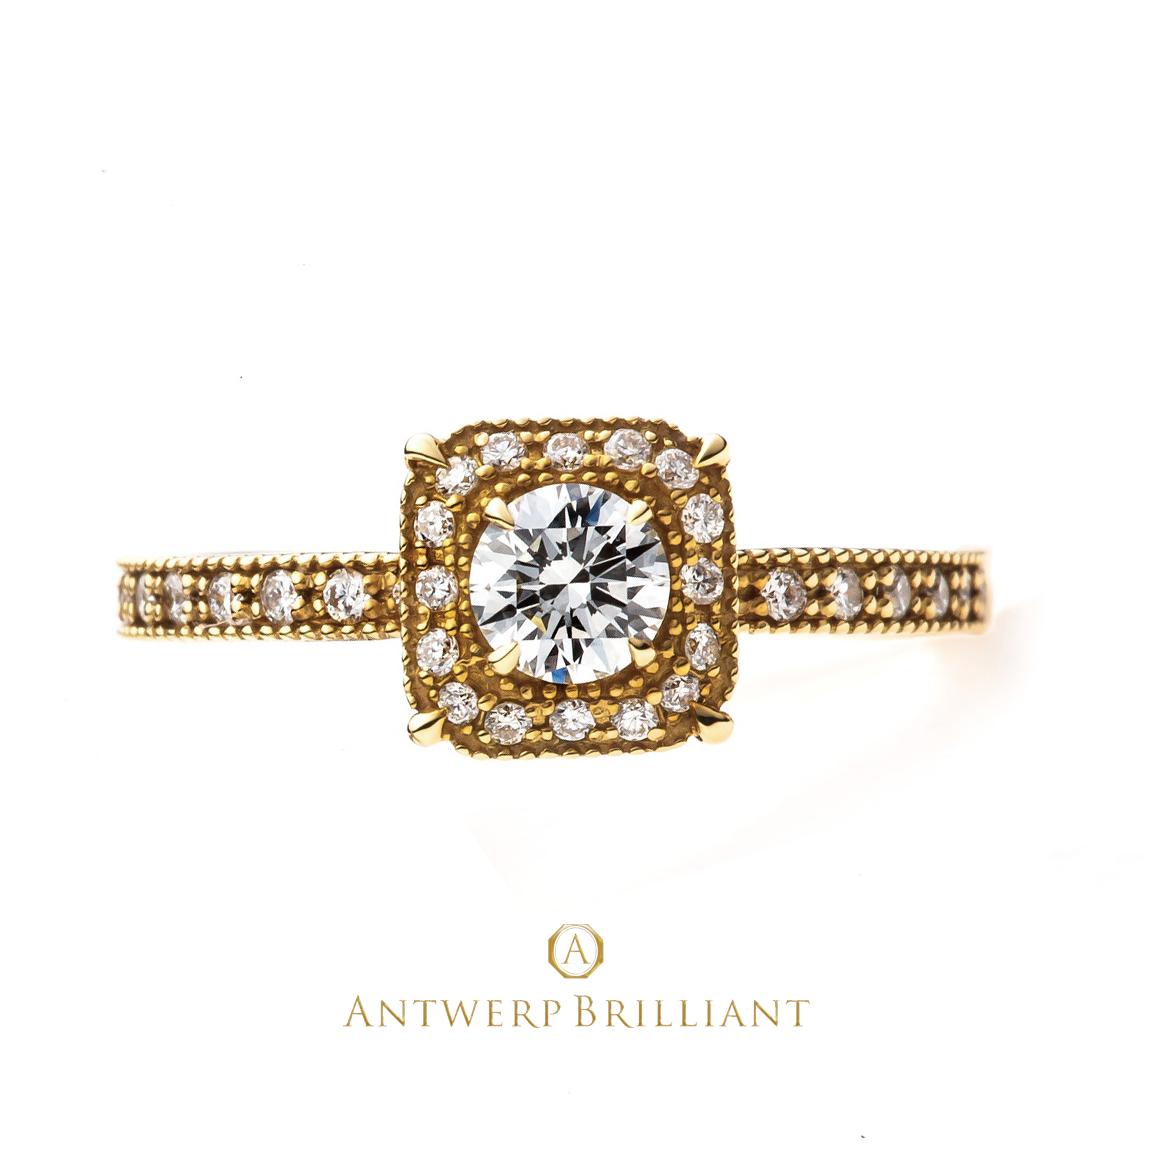 AntwerpBrilliant ミルグレインantiqueゴールド結婚リング 人気のデザイン